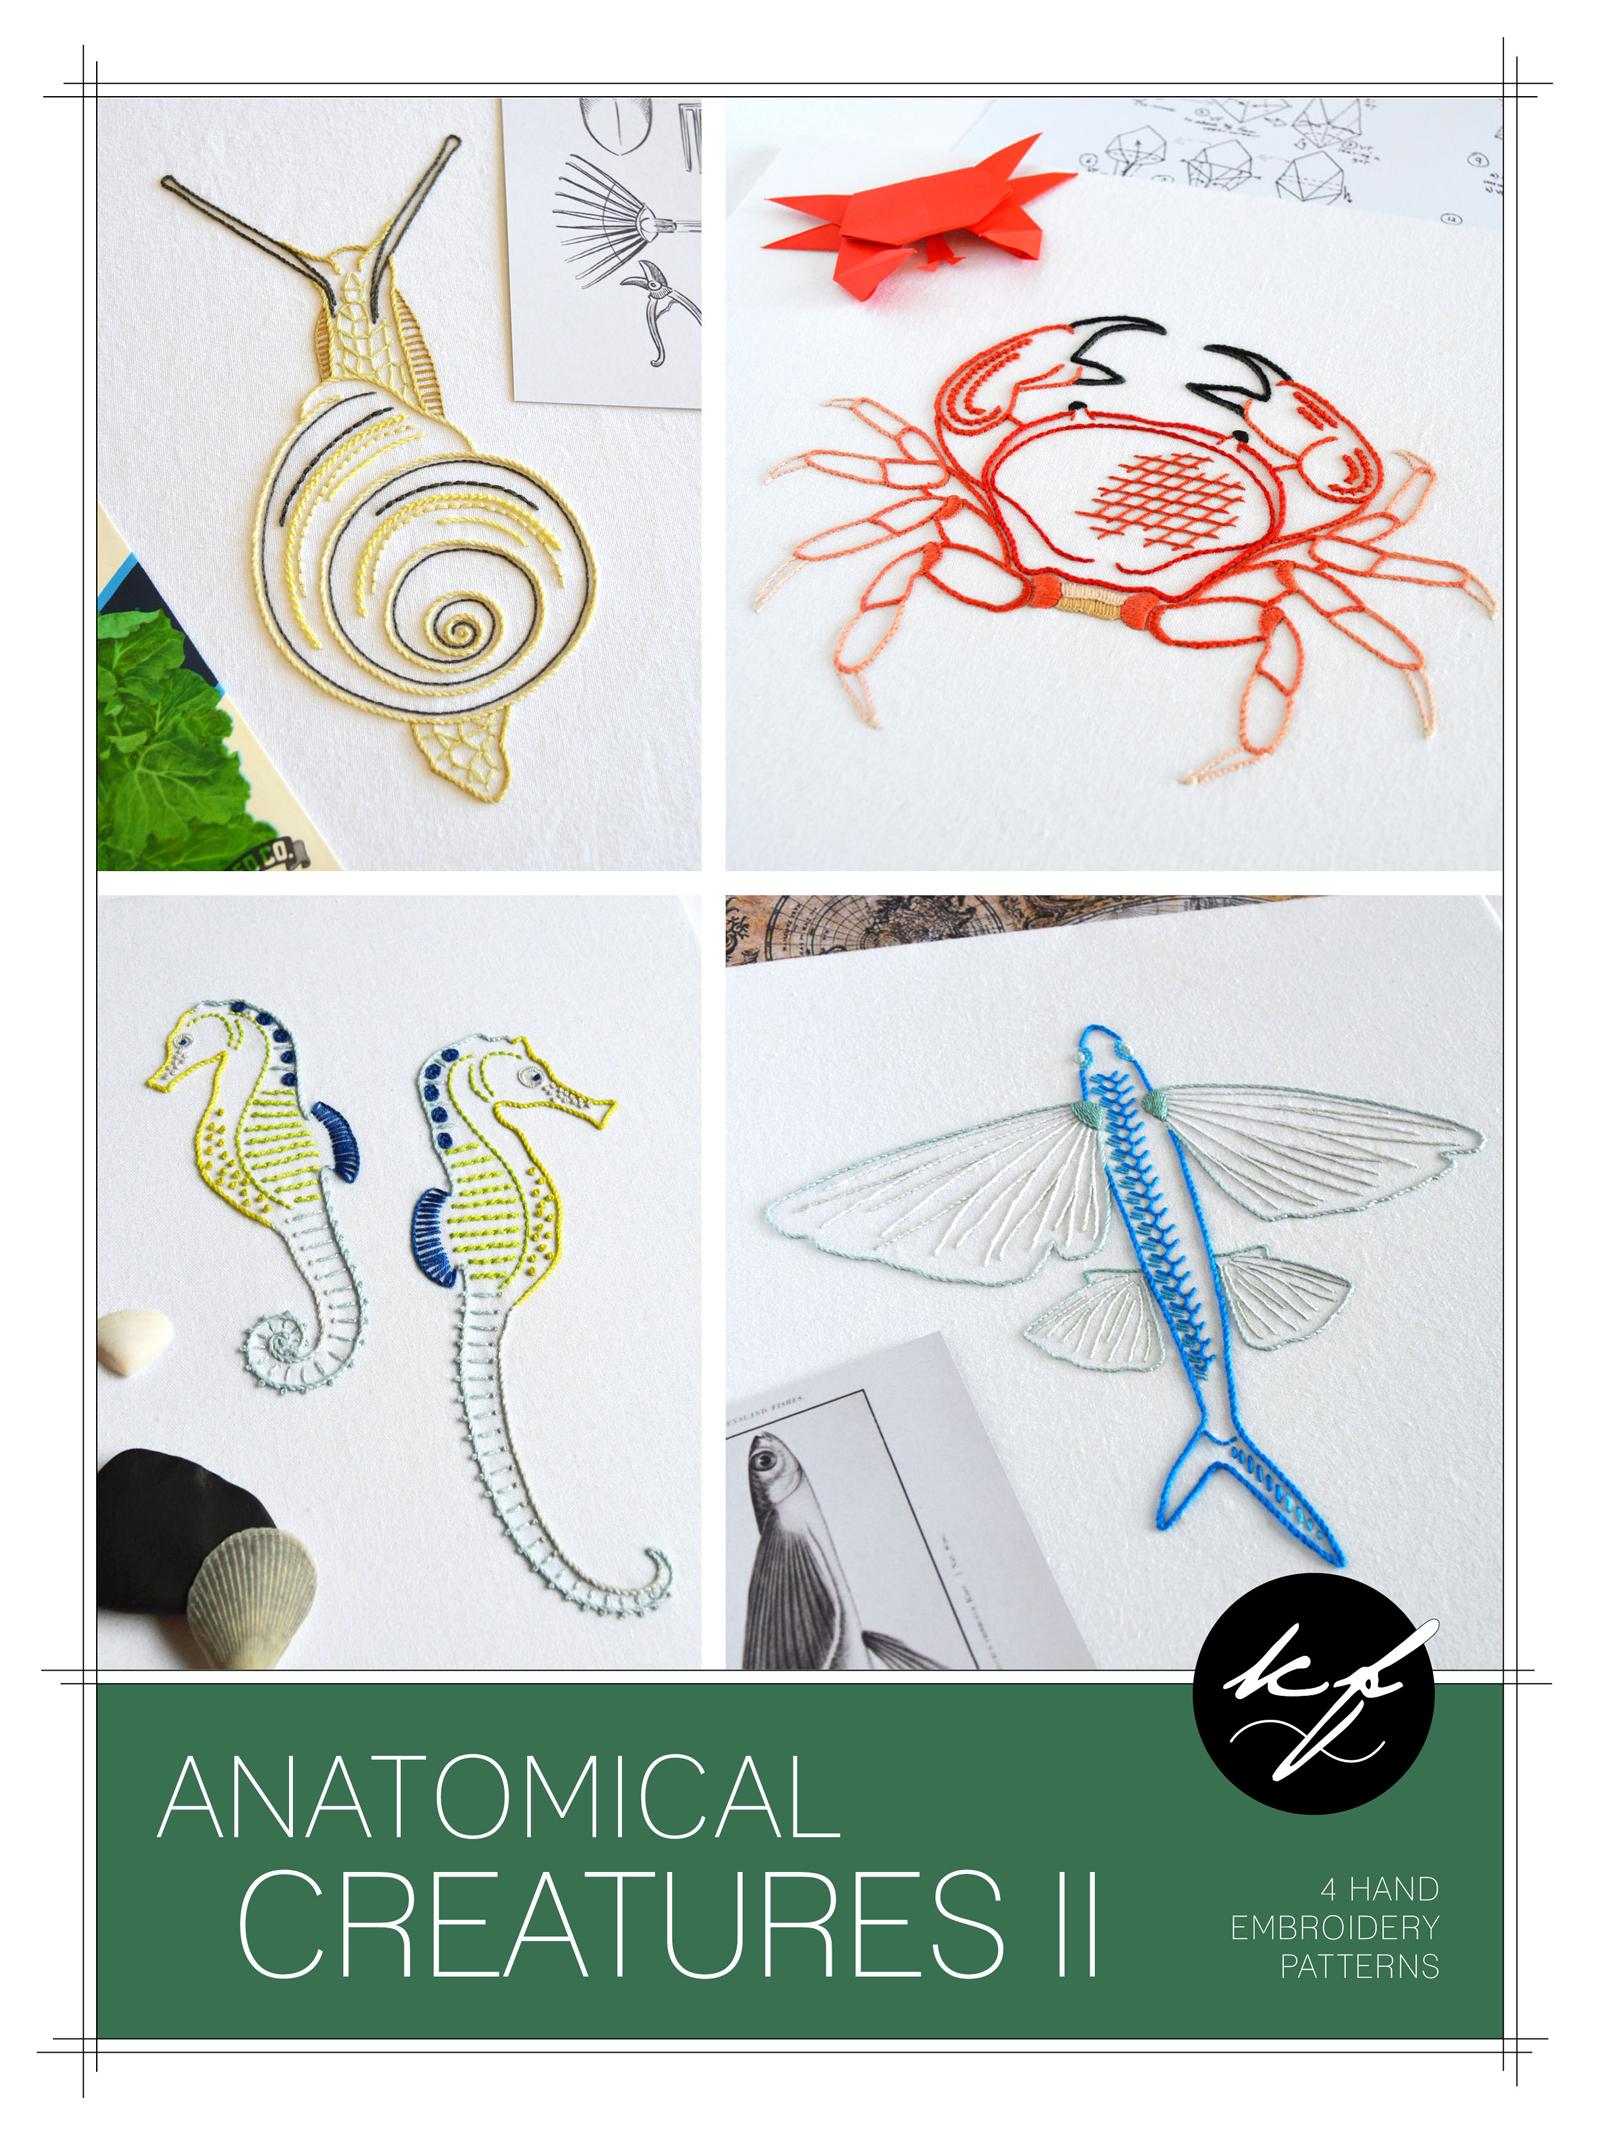 AnatomicalCreaturesIIEmbroideryPattern_KellyFletcher.jpg